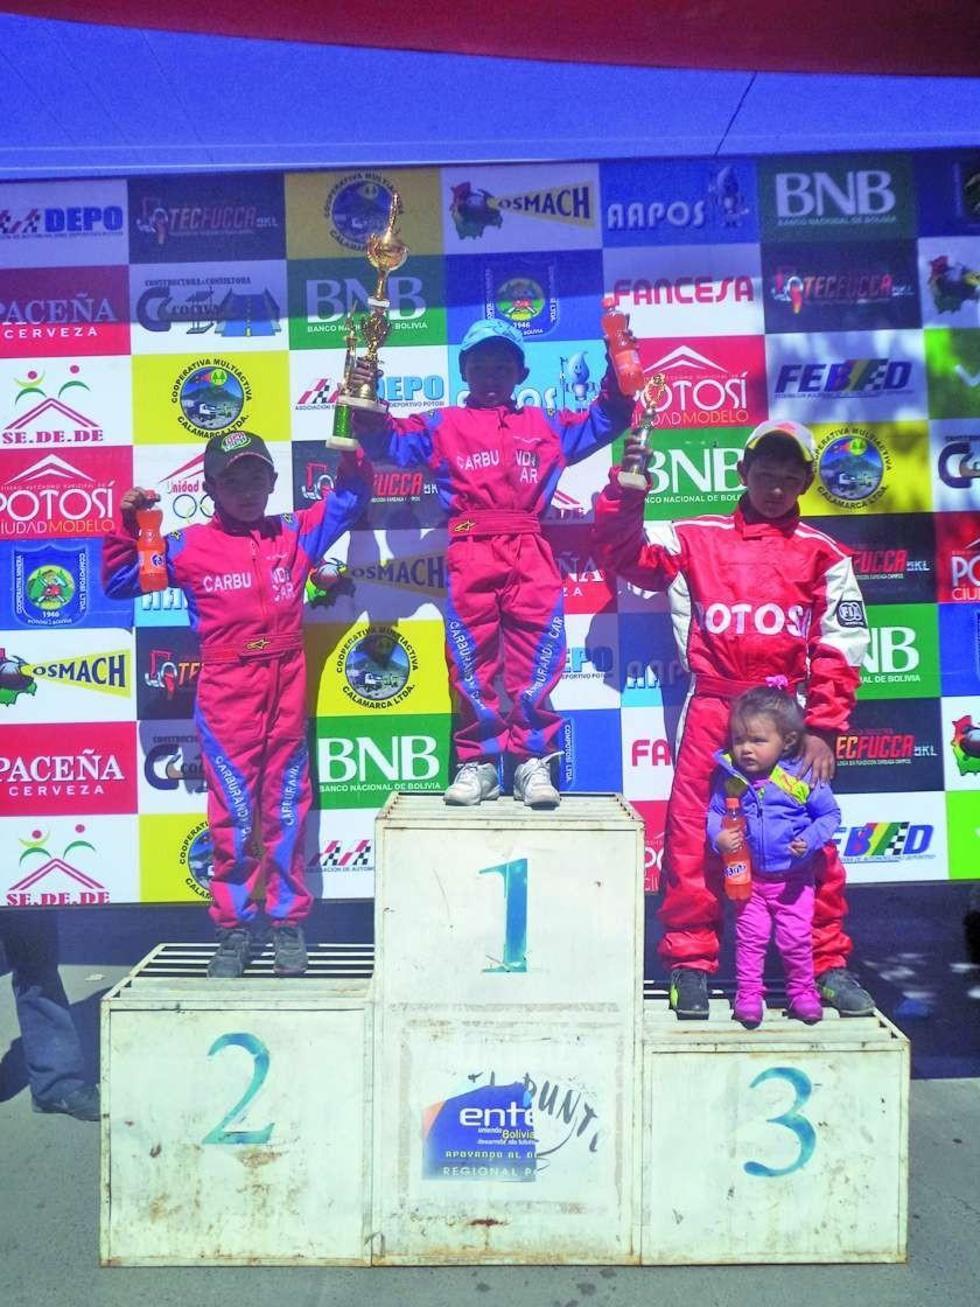 Luis J. Sandoval, Israel Sandoval y Mauricio Sandoval en el podio de ganadores.